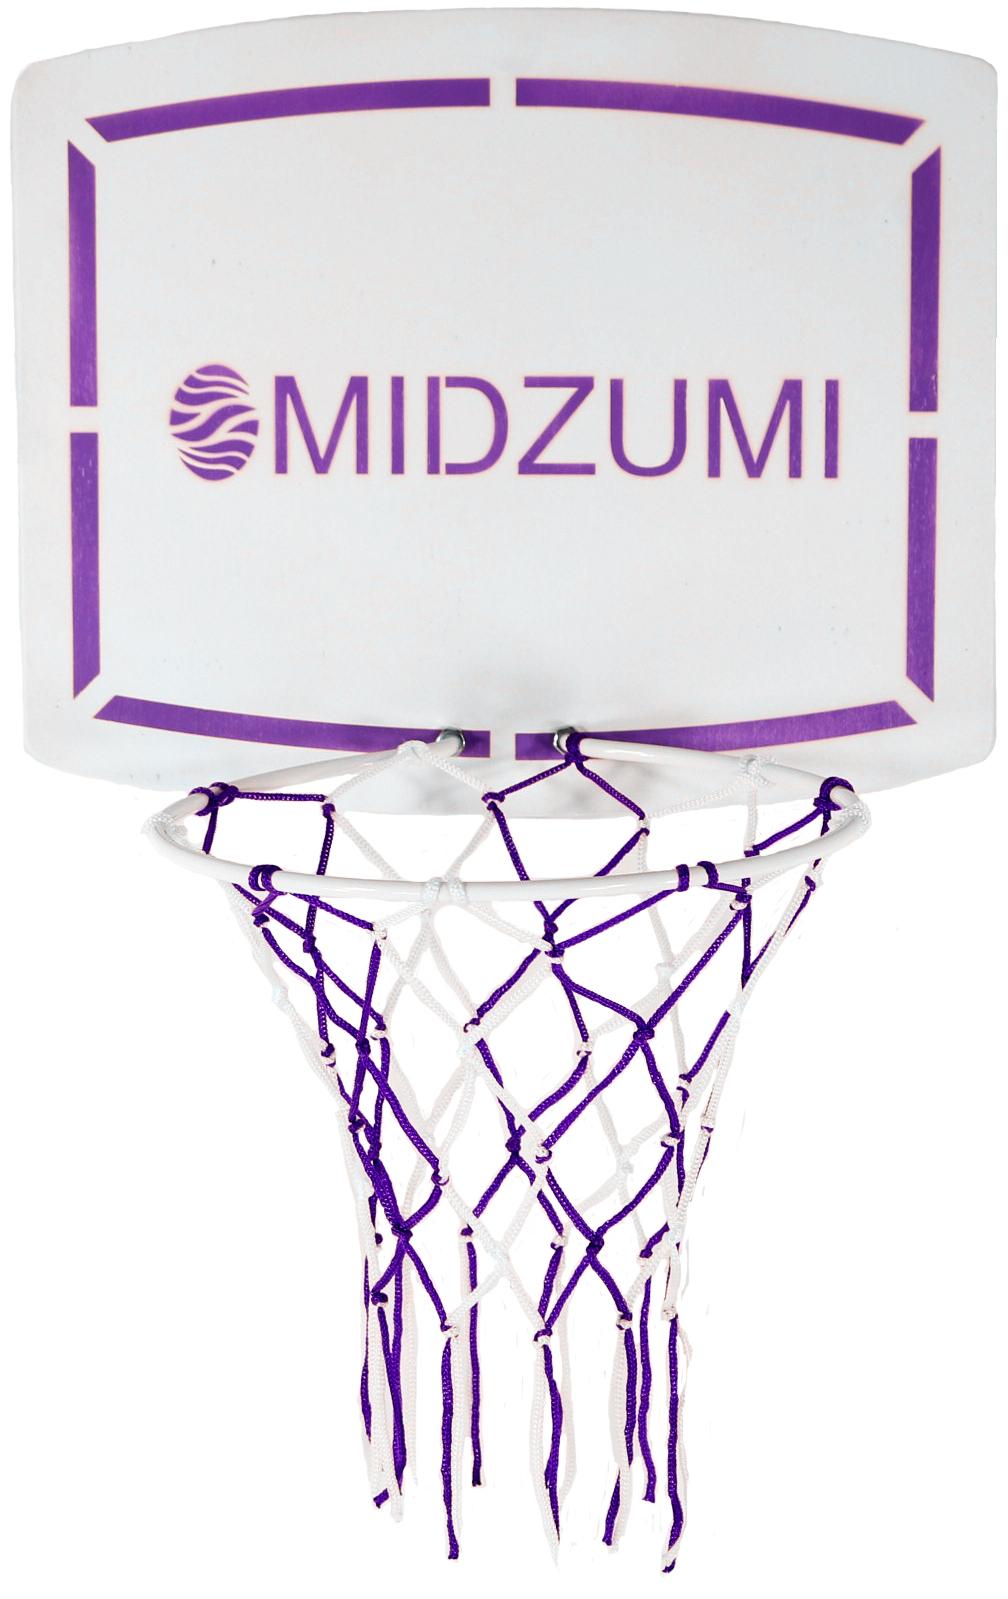 Баскетбольное кольцо Midzumi малое для детей и взрослых в квартиру